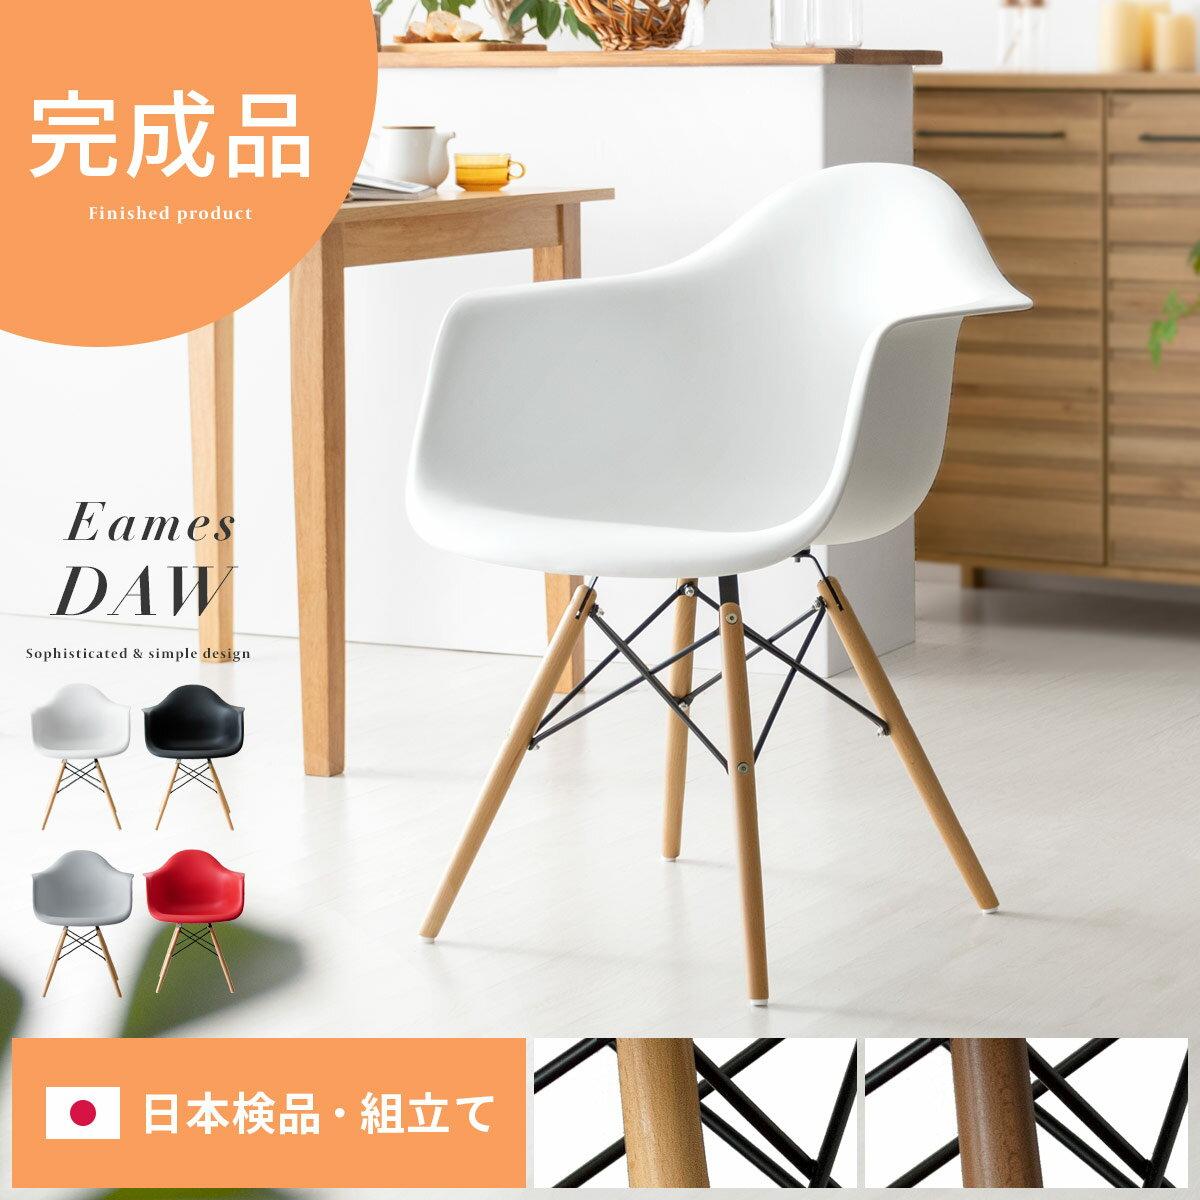 イームズチェア イームズ チェア パソコンチェア デスクチェア ダイニングチェア かわいい おしゃれ Eames DAW ウッド脚デザイン ホワイト レッド ブラック ブルー グリーン 椅子 イス チェアー いす